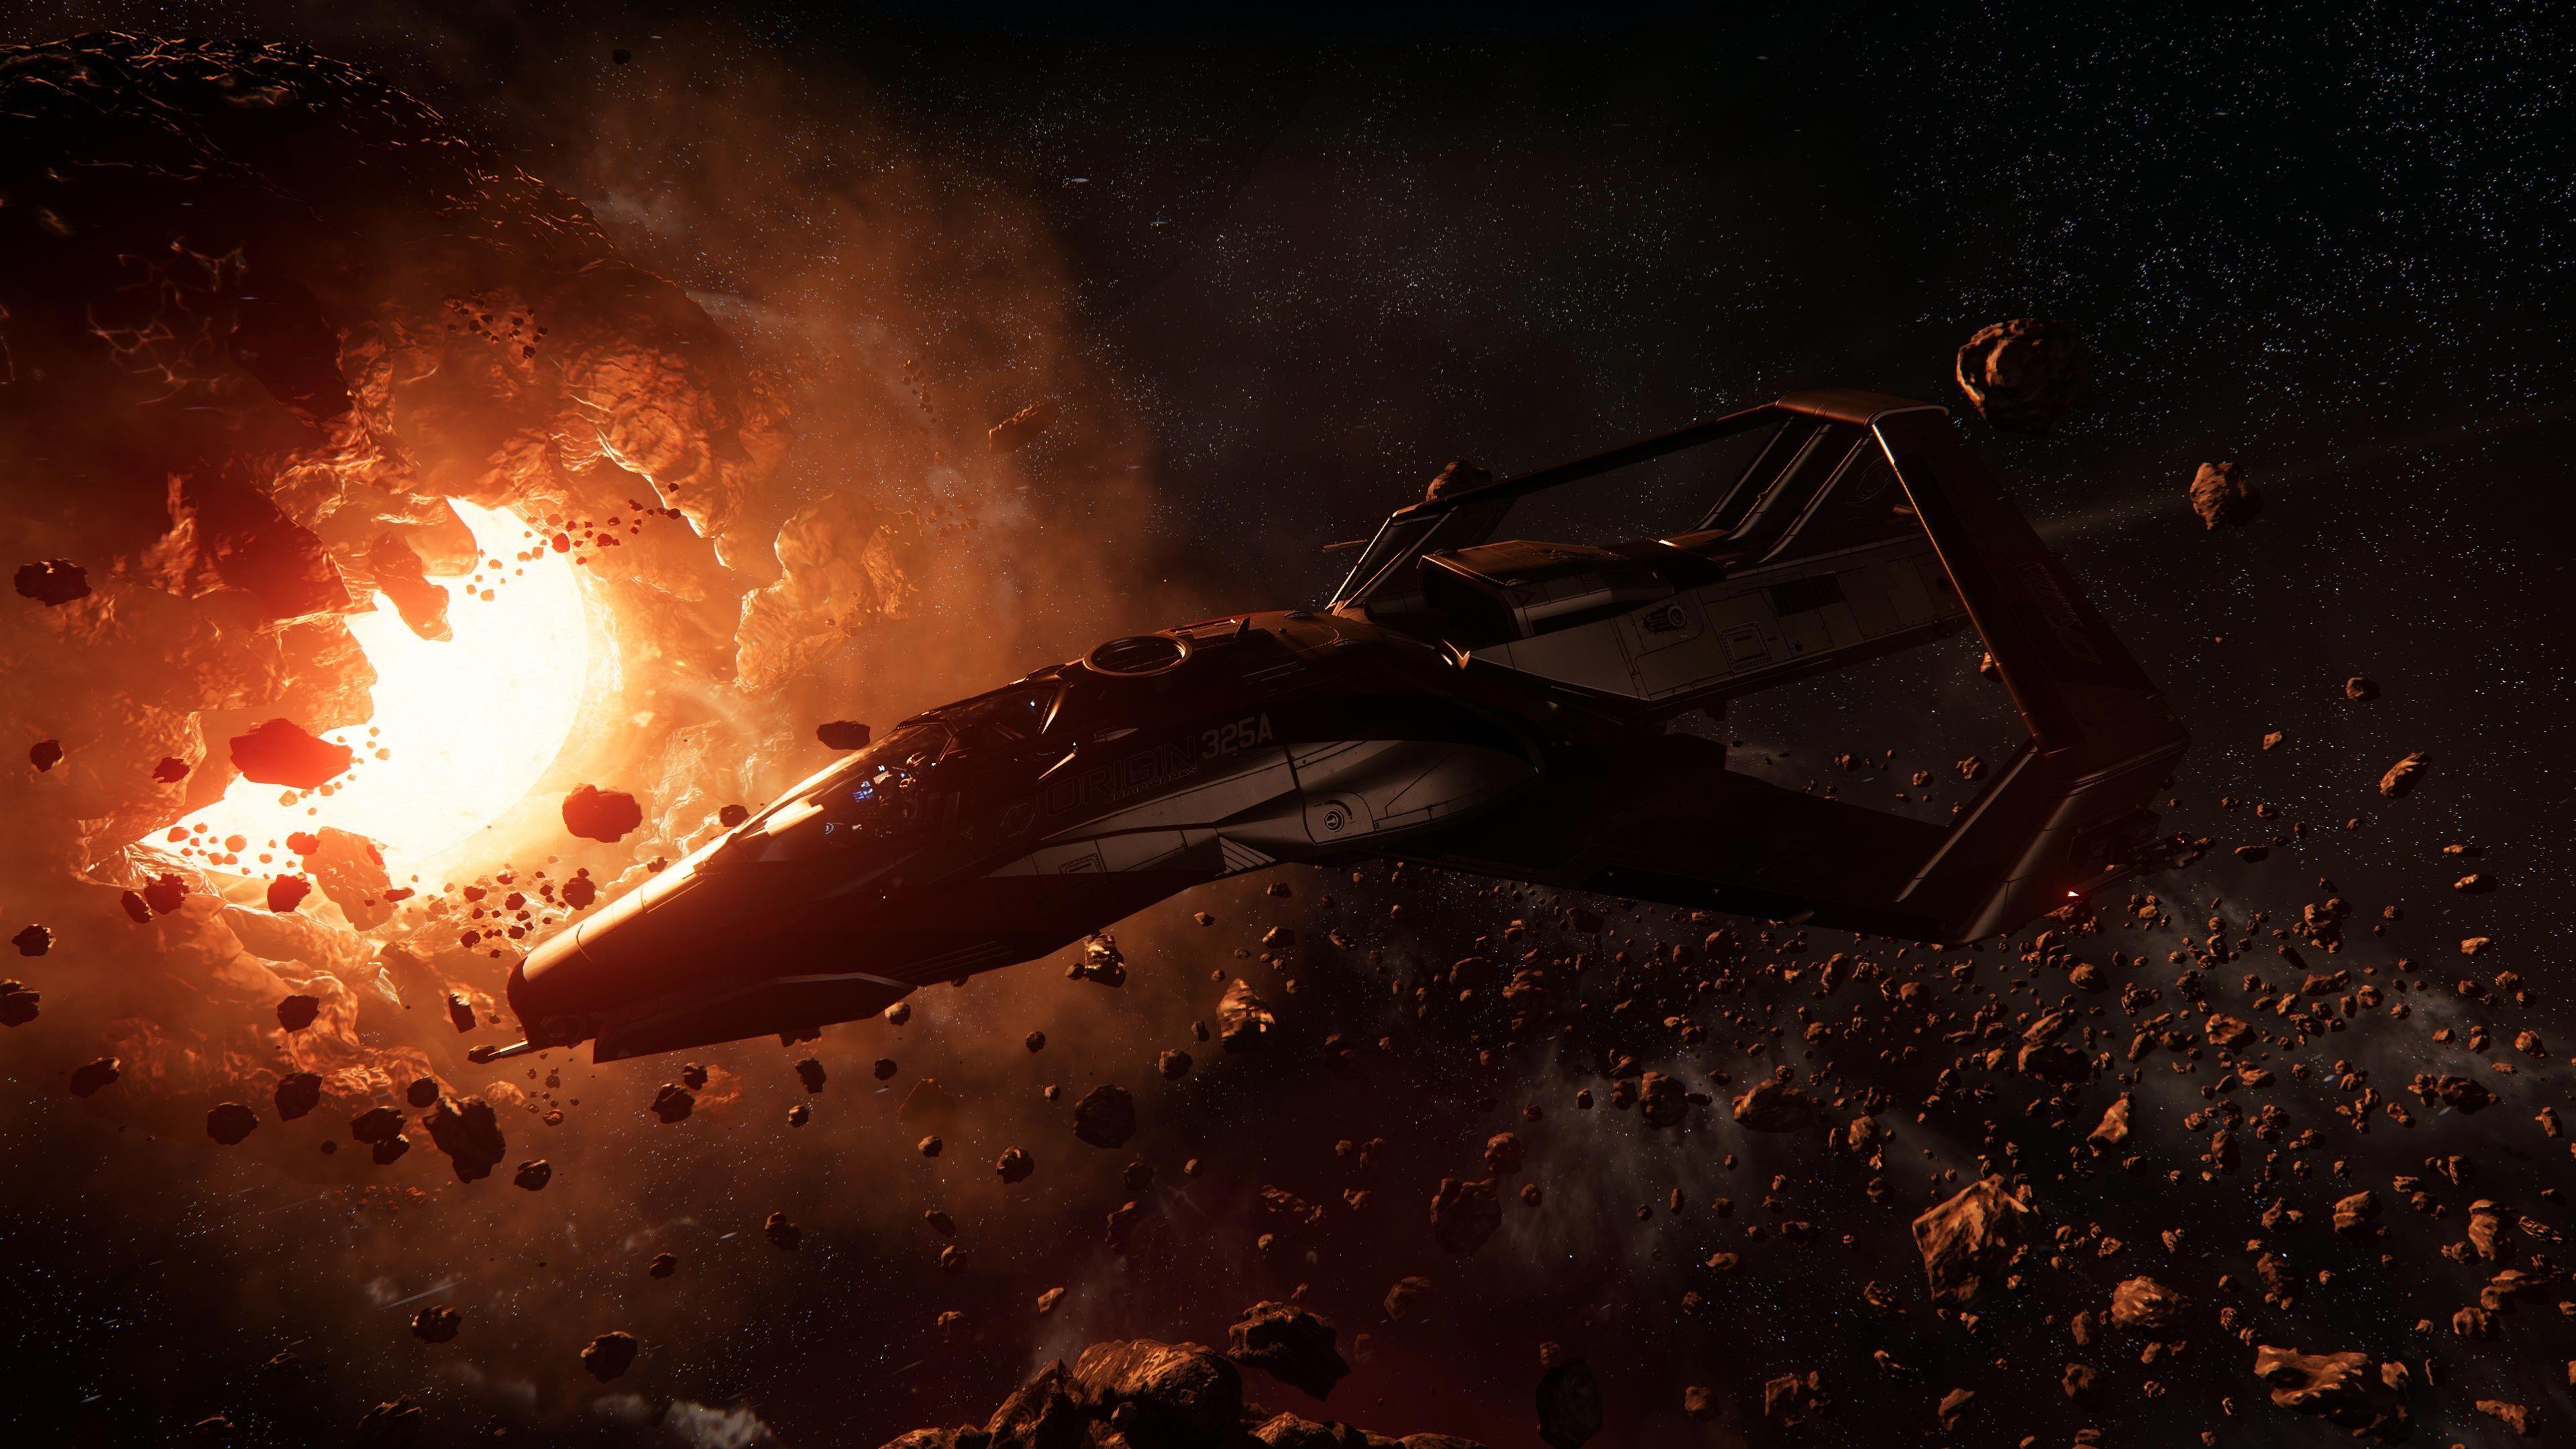 Starcitizenspaceships Star Citizen Spaceship Sci Fi